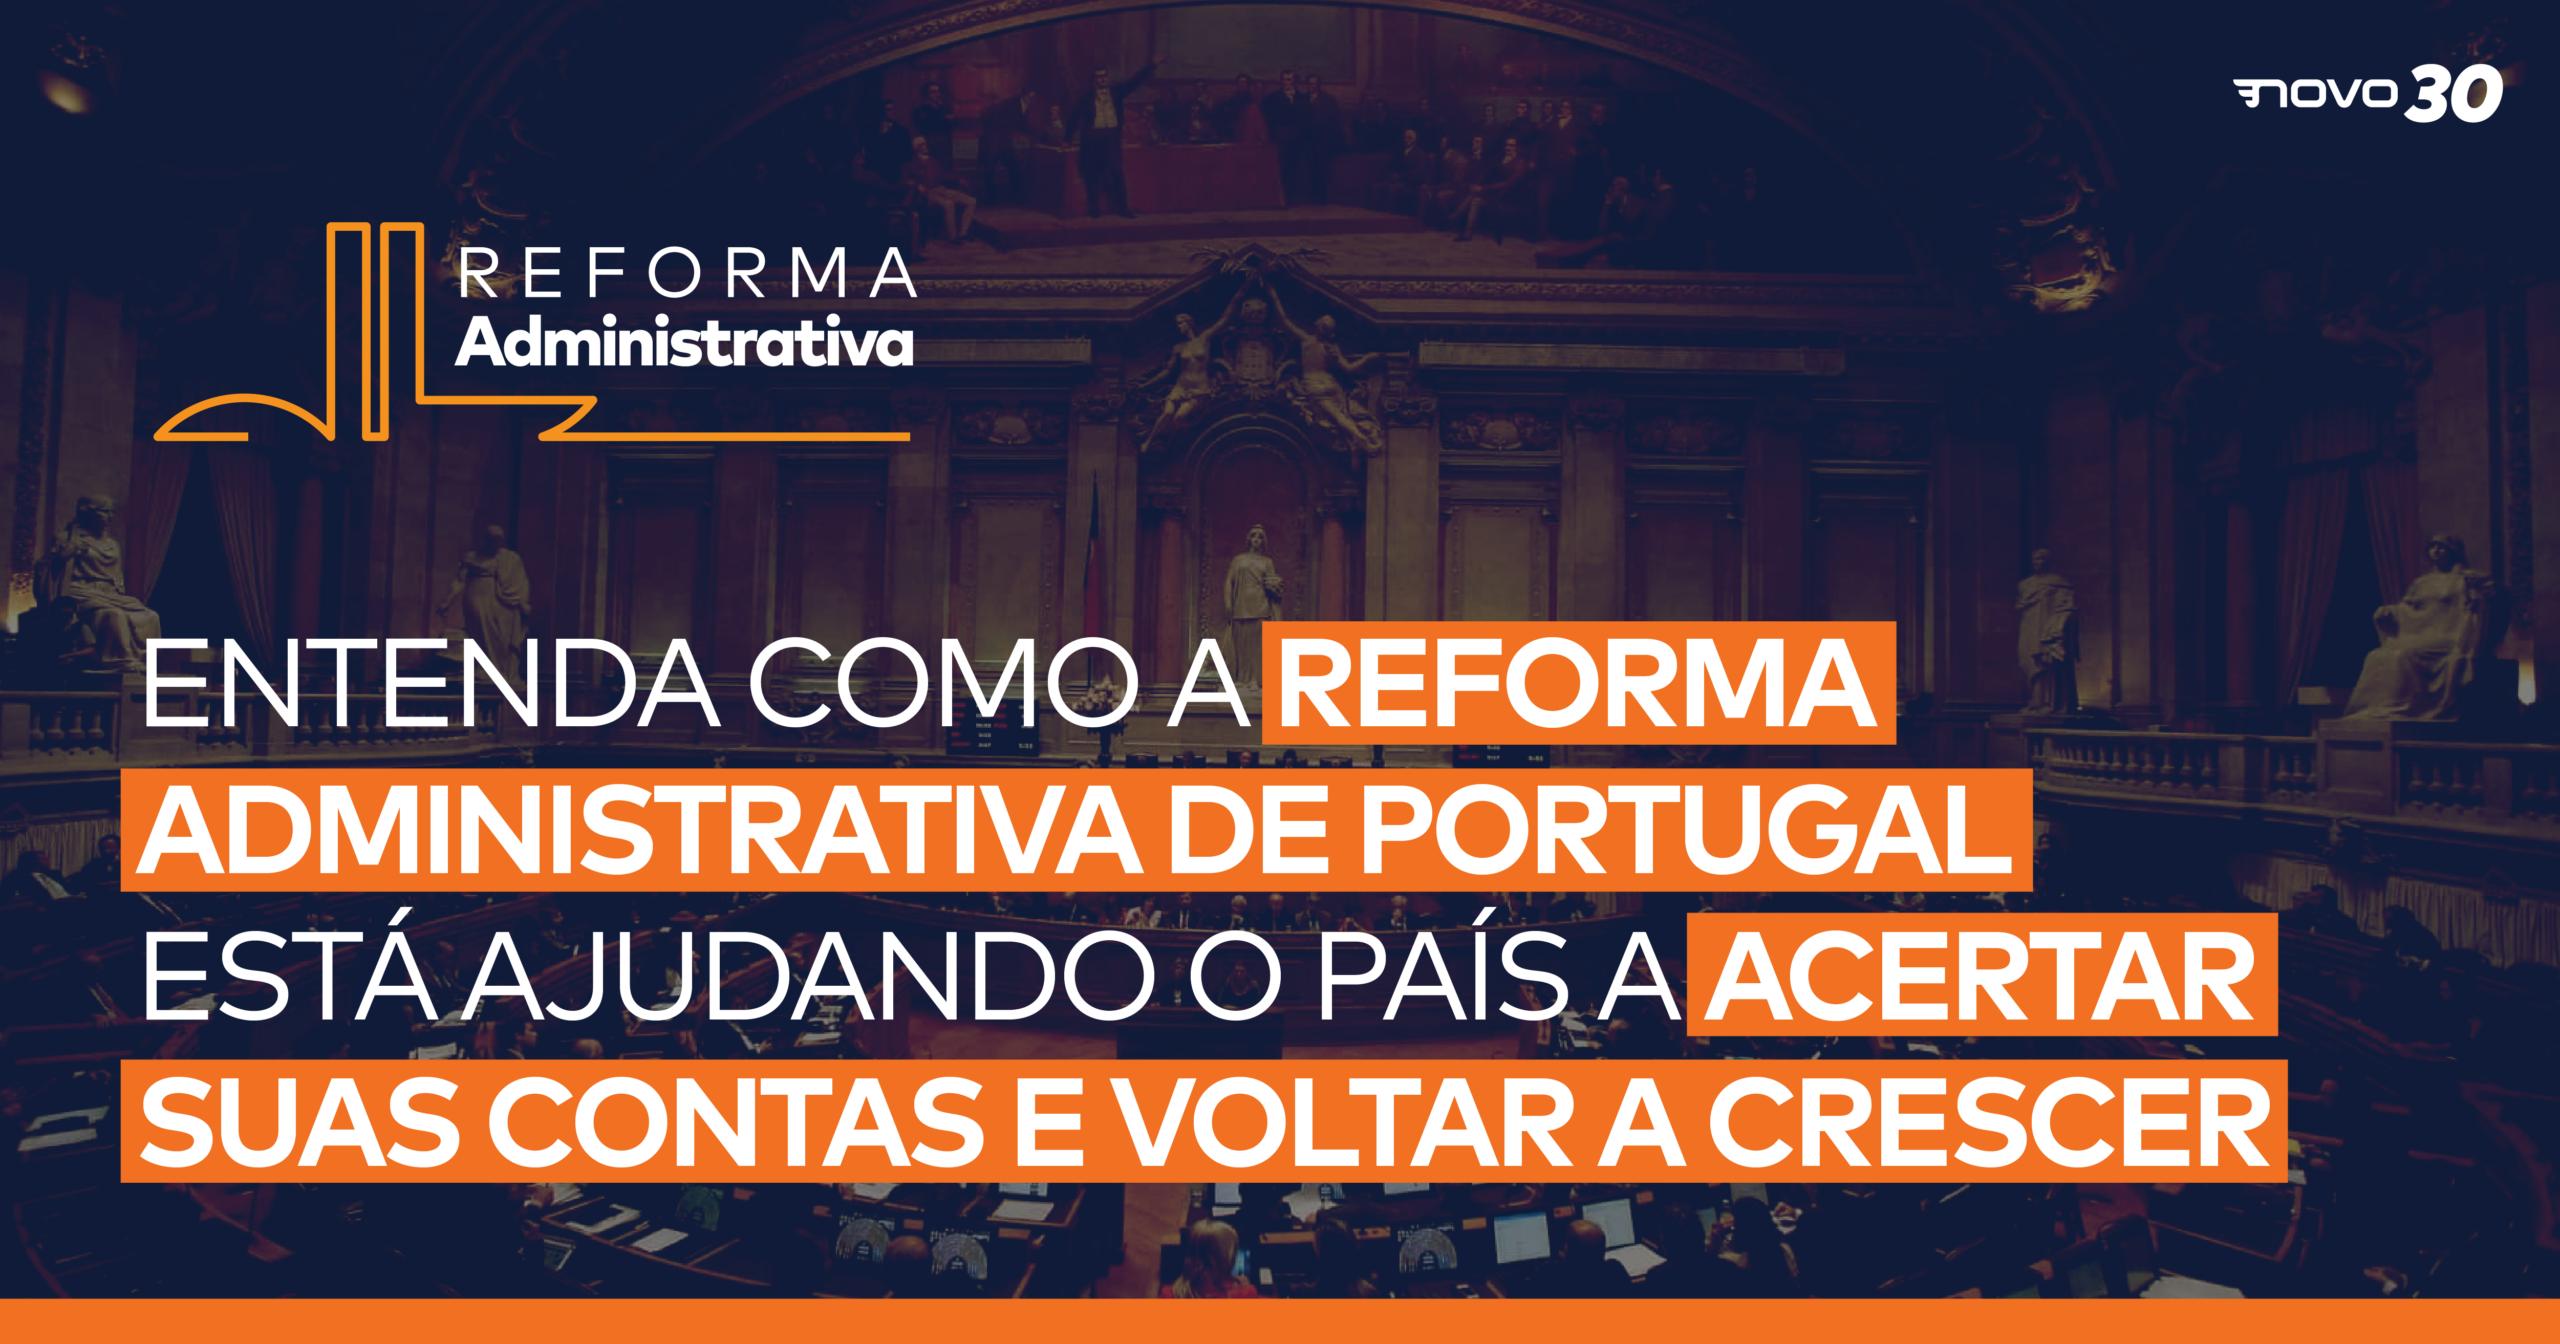 Entenda como a Reforma Administrativa de Portugal está ajudando o país a acertar suas contas e voltar a crescer